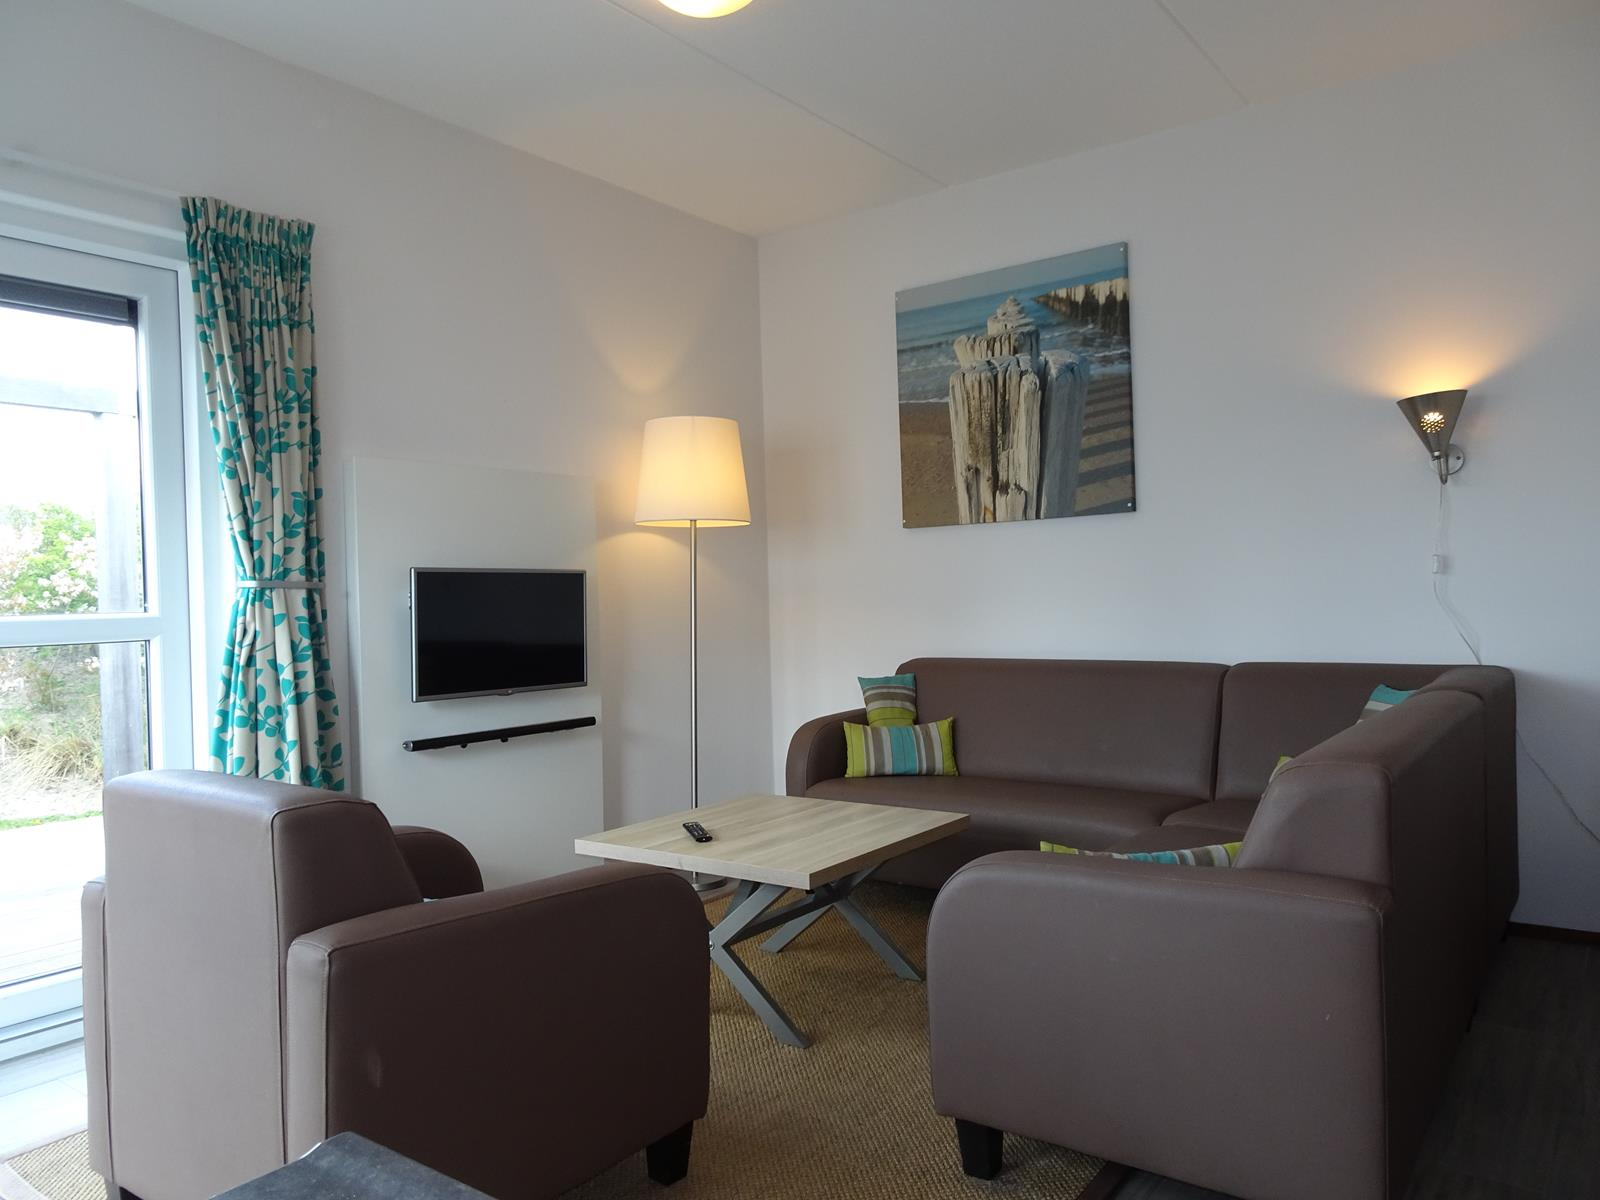 Vakantiehuis te koop Ouddorp Zuid-Holland VB23 037.jpg